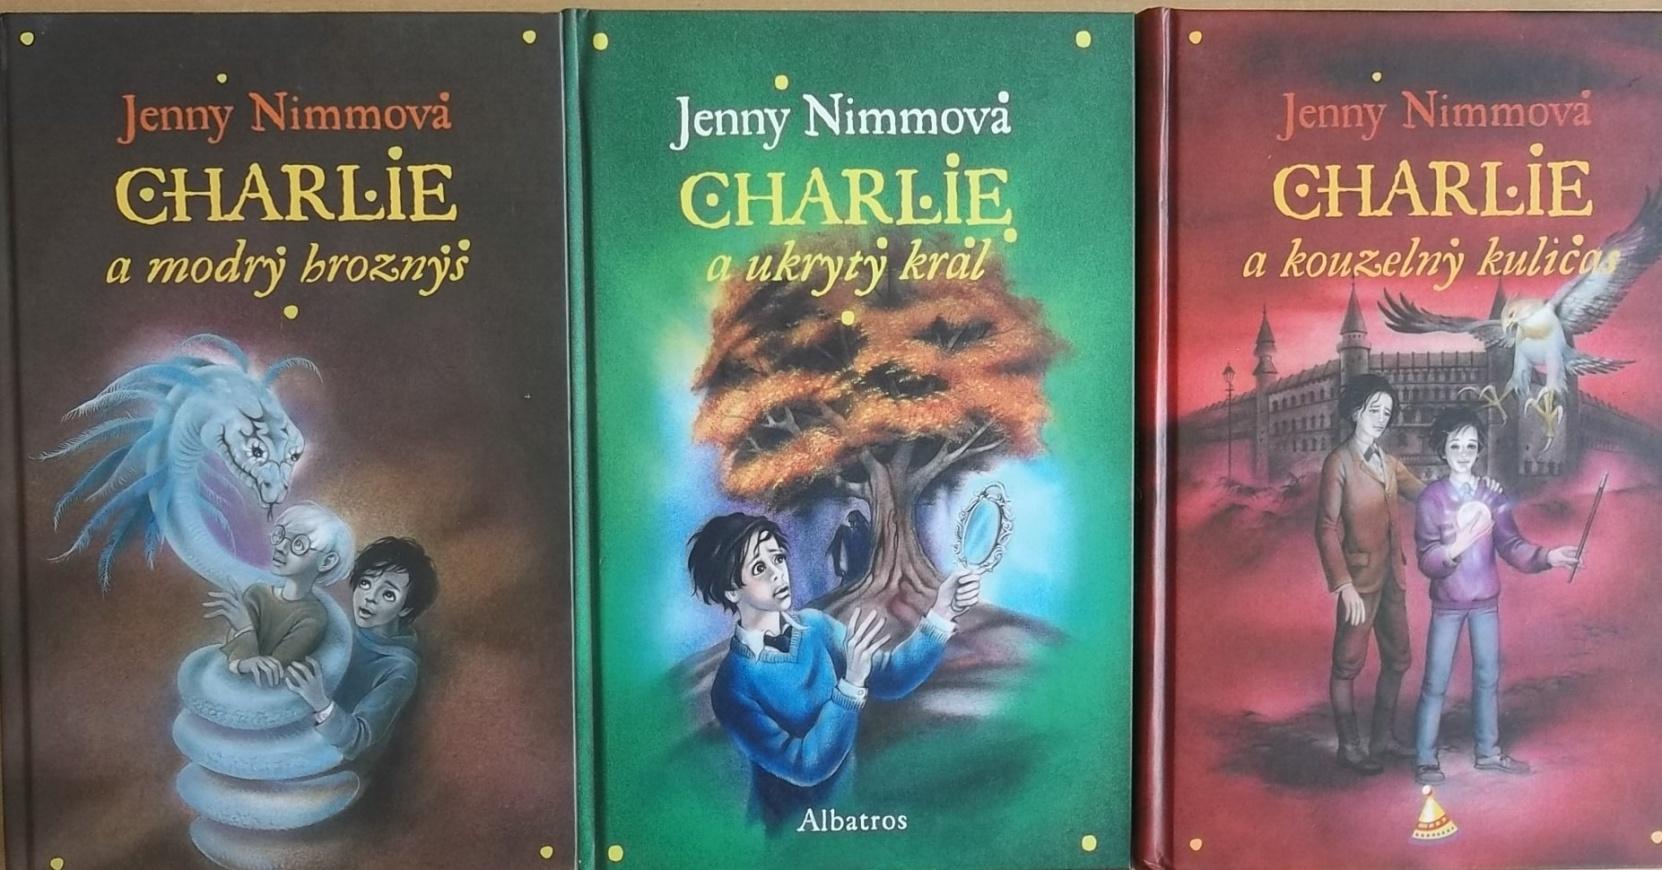 Kolekce Charlie - Jenny Nimmová